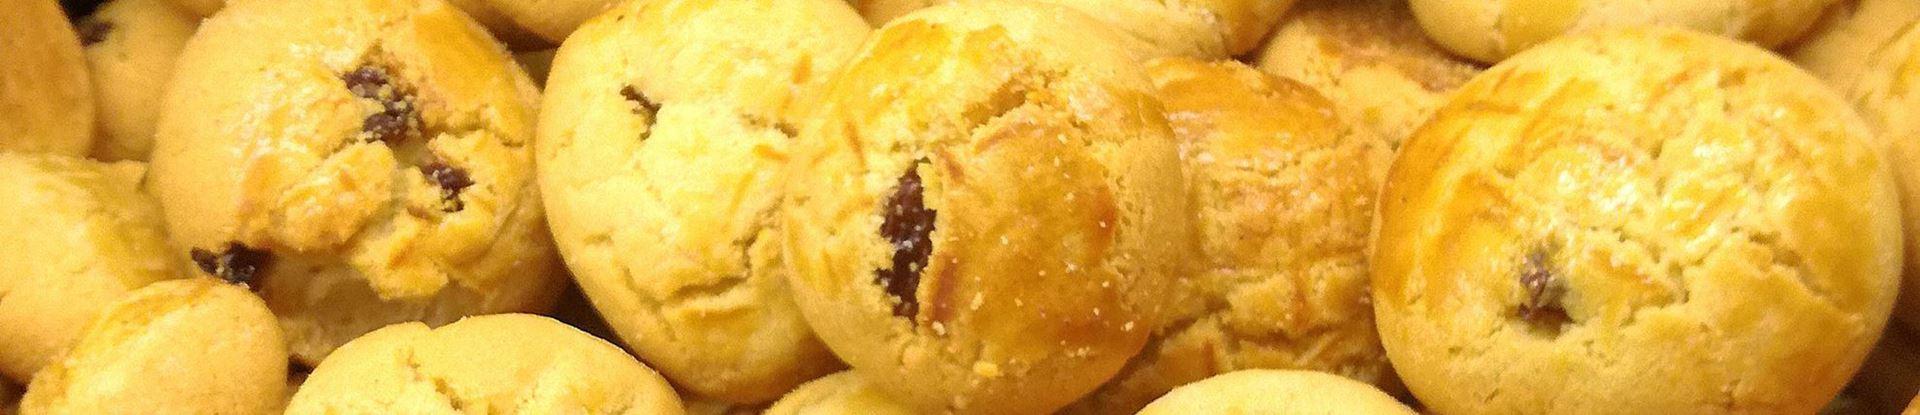 Εικόνα από Βουτήματα - Cookies - Donuts